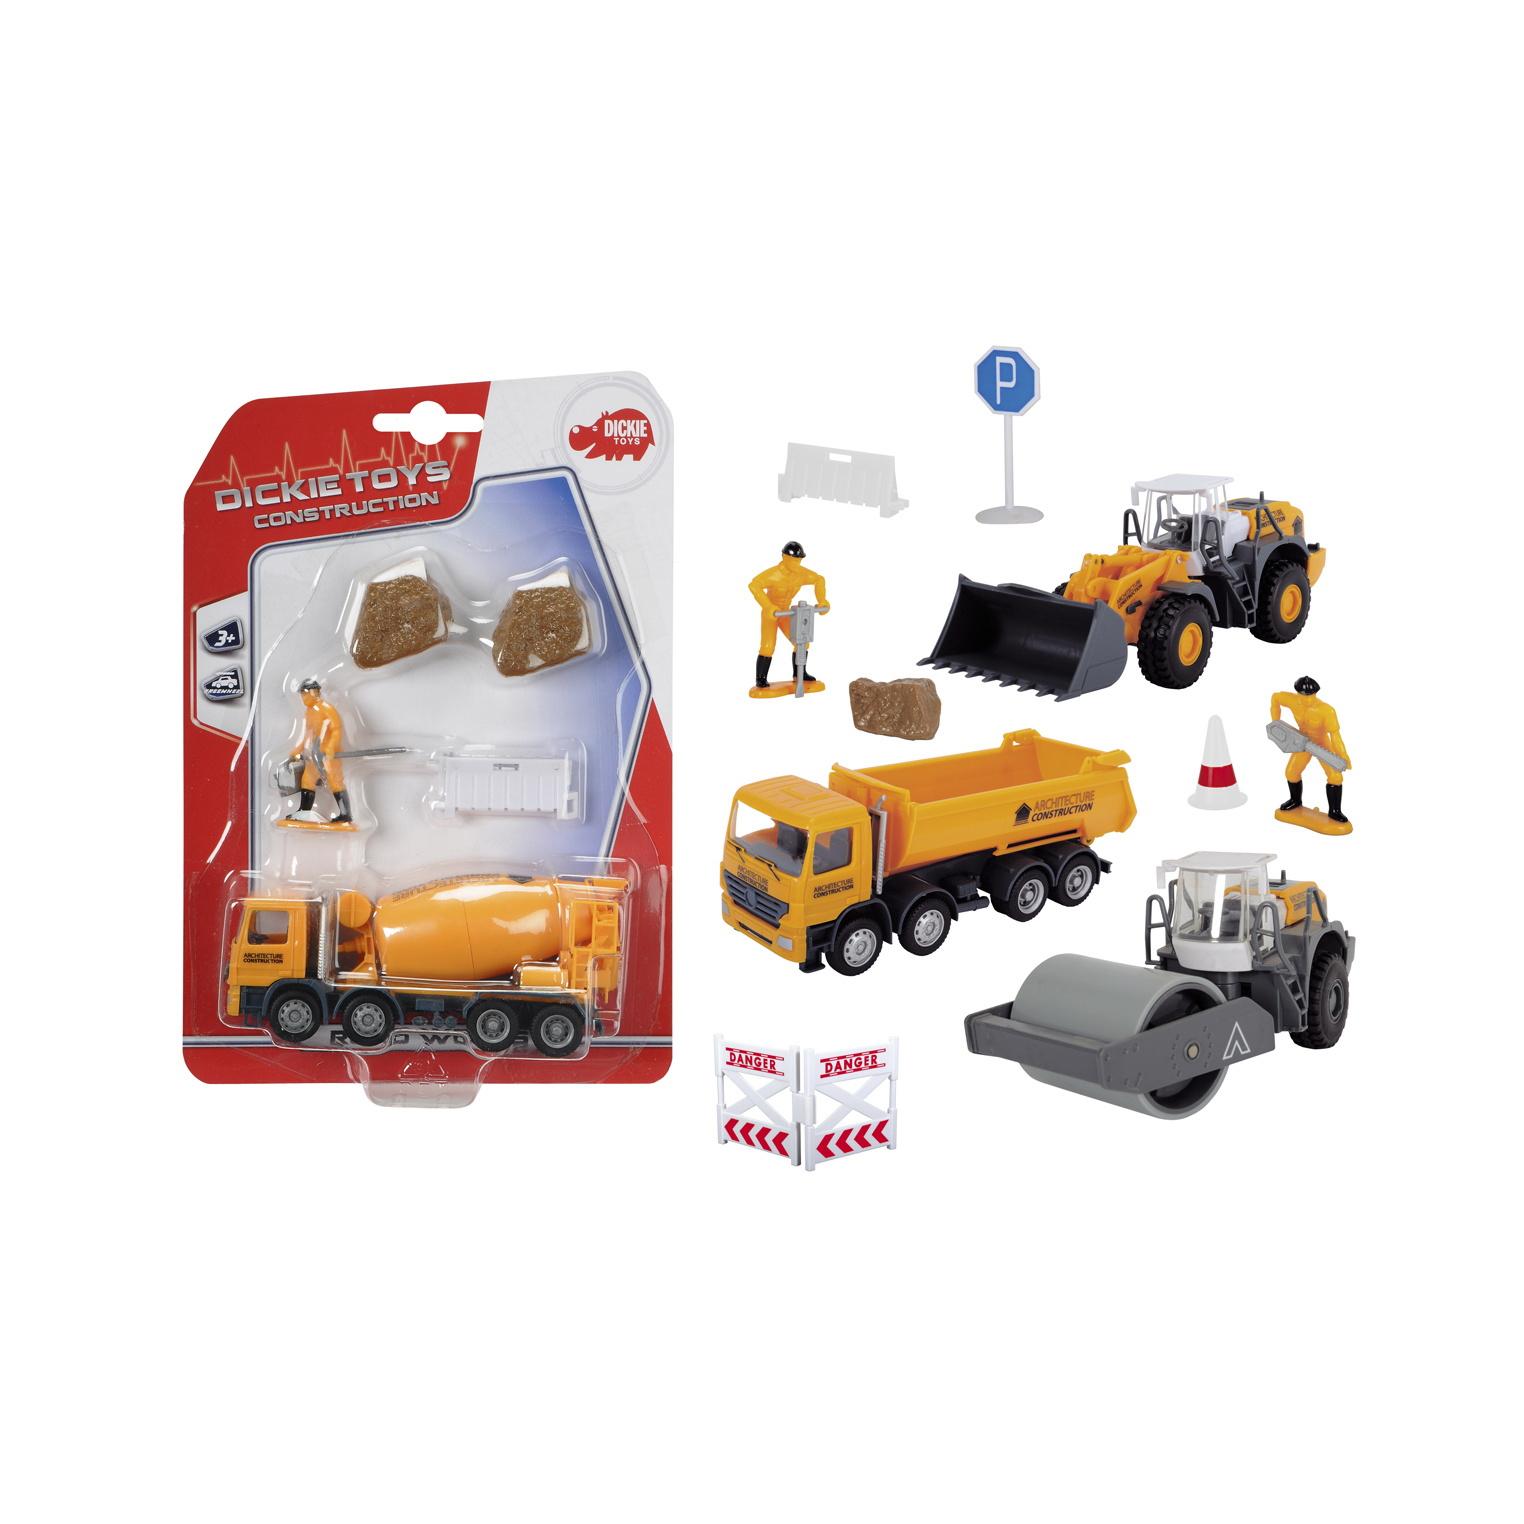 Купить Набор дорожной техники, 4 варианта, Dickie Toys